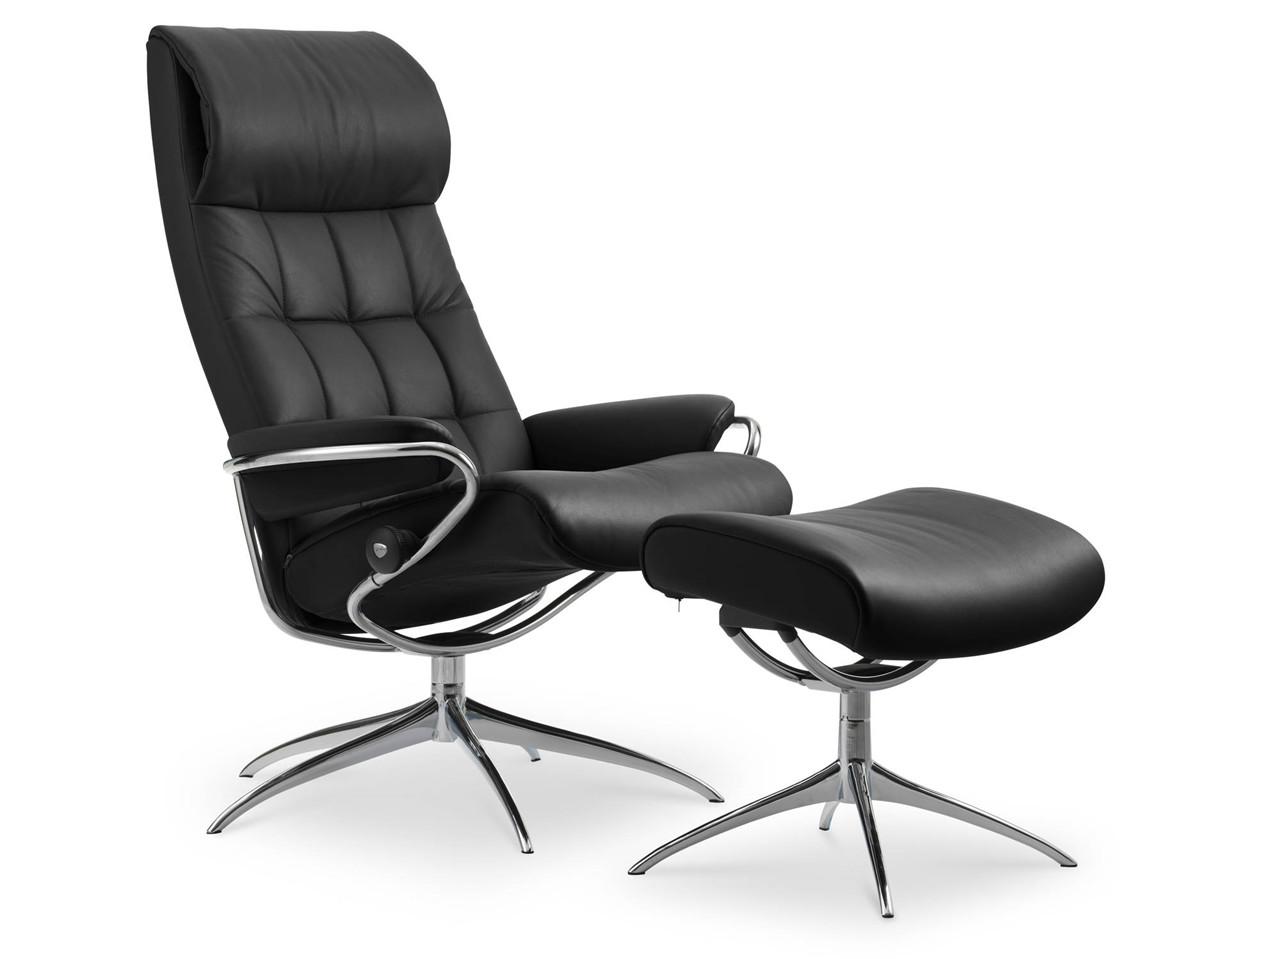 stressless stol Stressless lænestol | Køb din Stressless stol med prisgaranti stressless stol